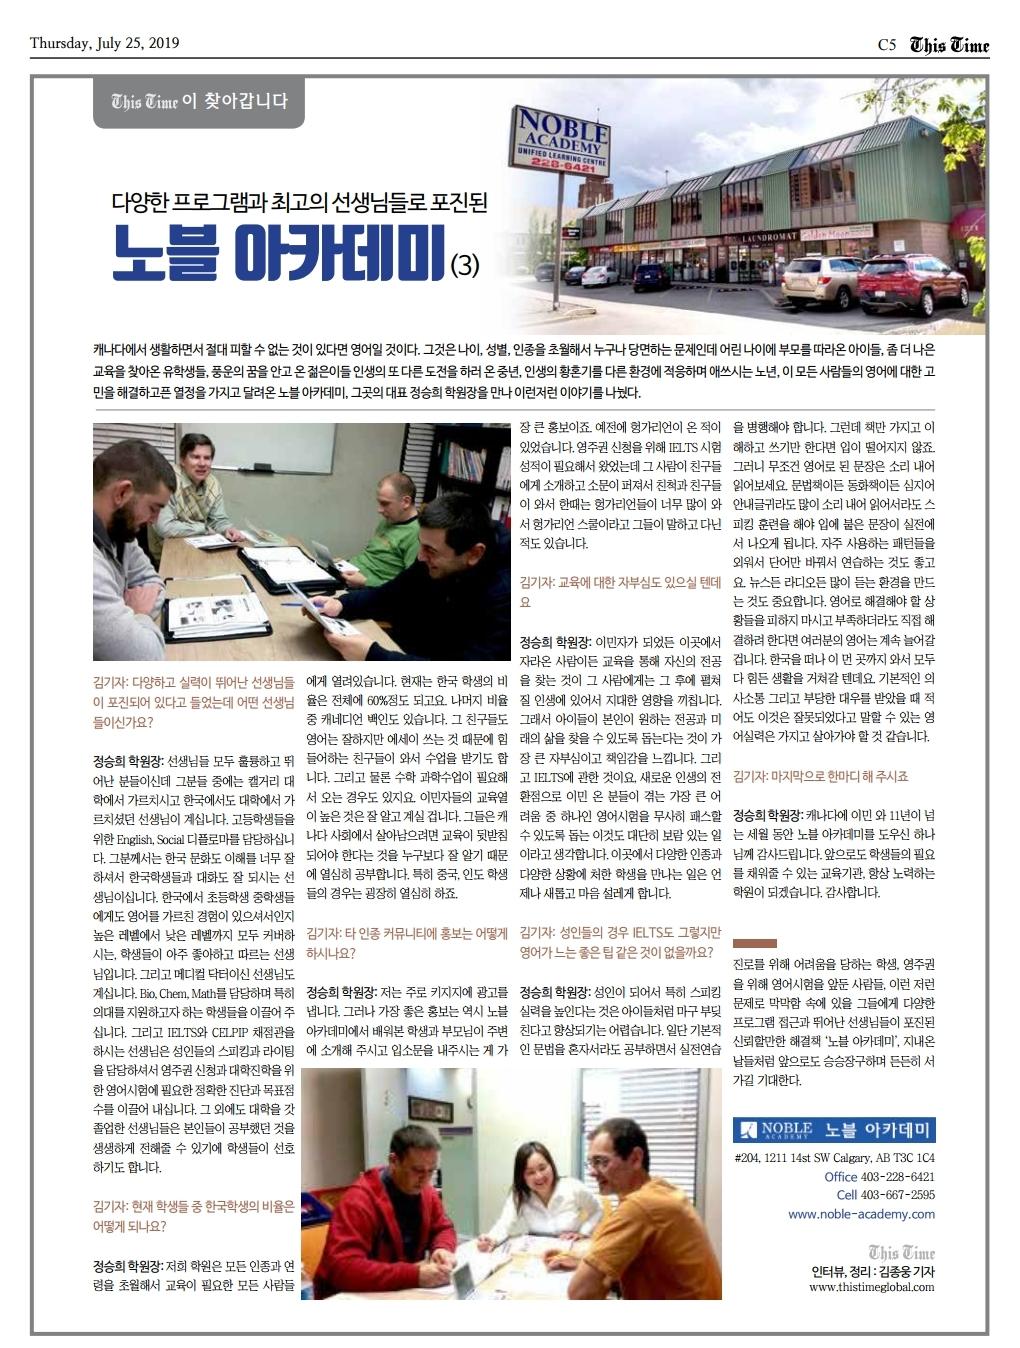 노블아카데미 3편(디스타임).pdf_page_1.jpg